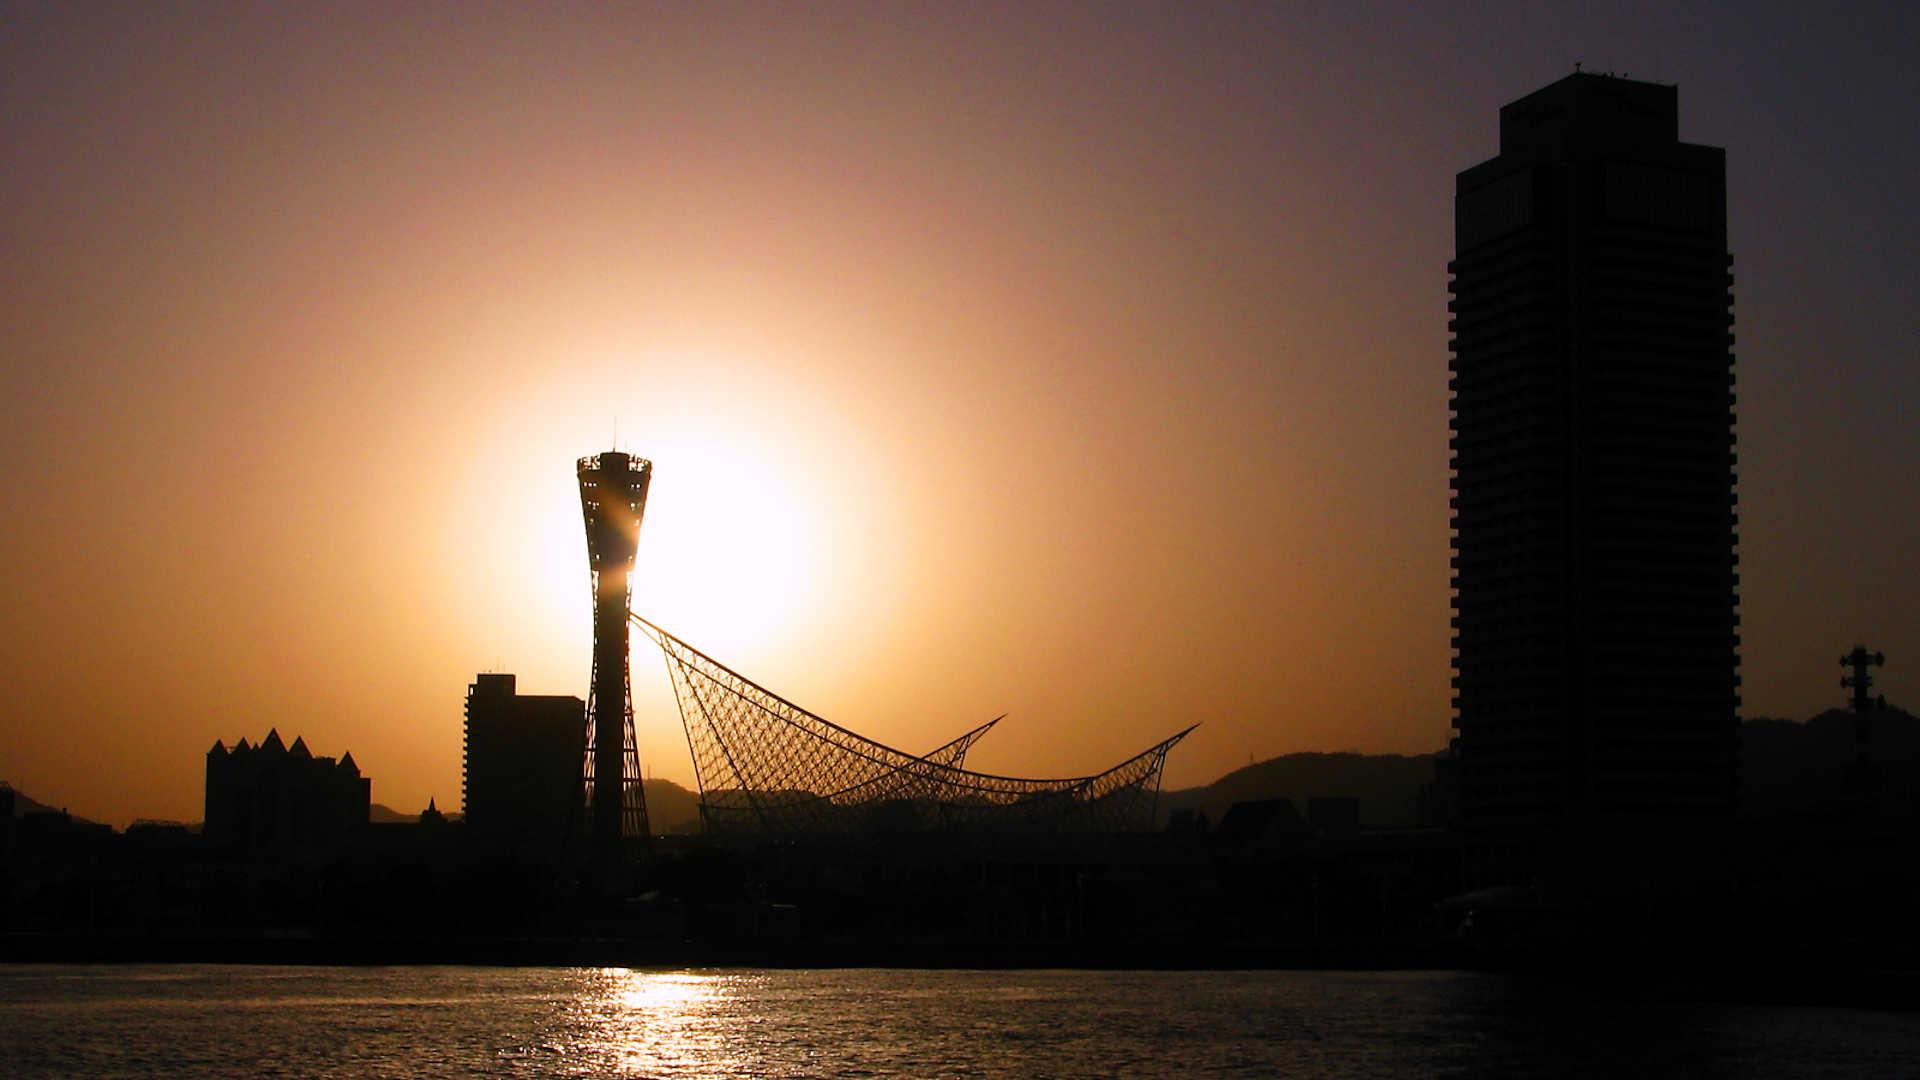 神戸ポートタワーの夕景 夕日 フルhd壁紙 1920x1080